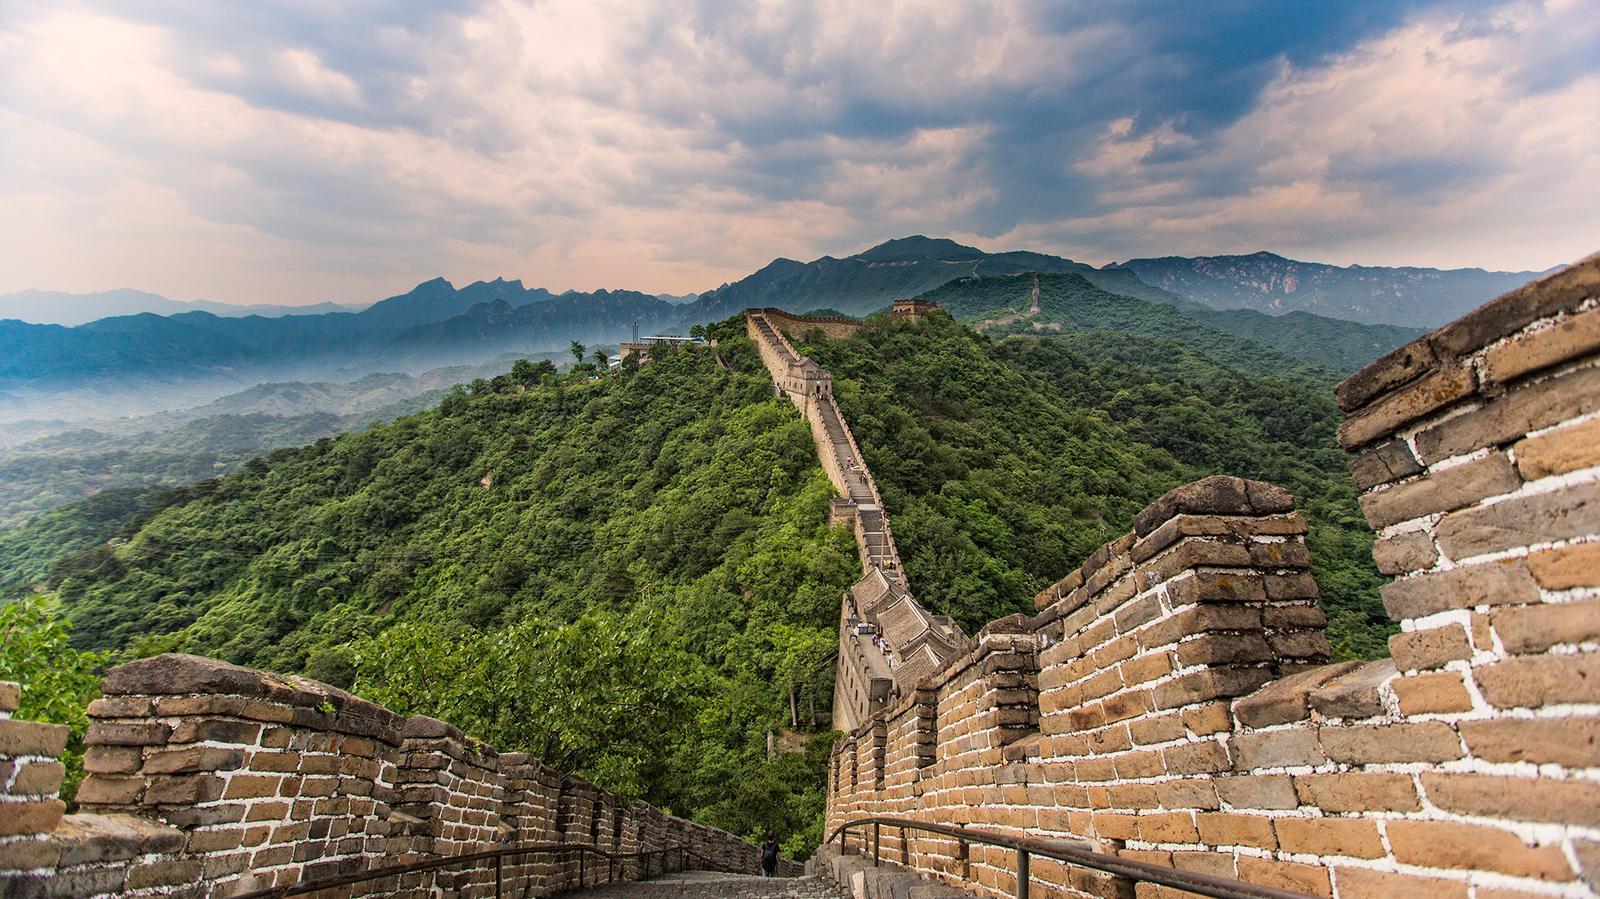 Große Chinesische Mauer China Wanderreise in der Gruppe traveljunkies